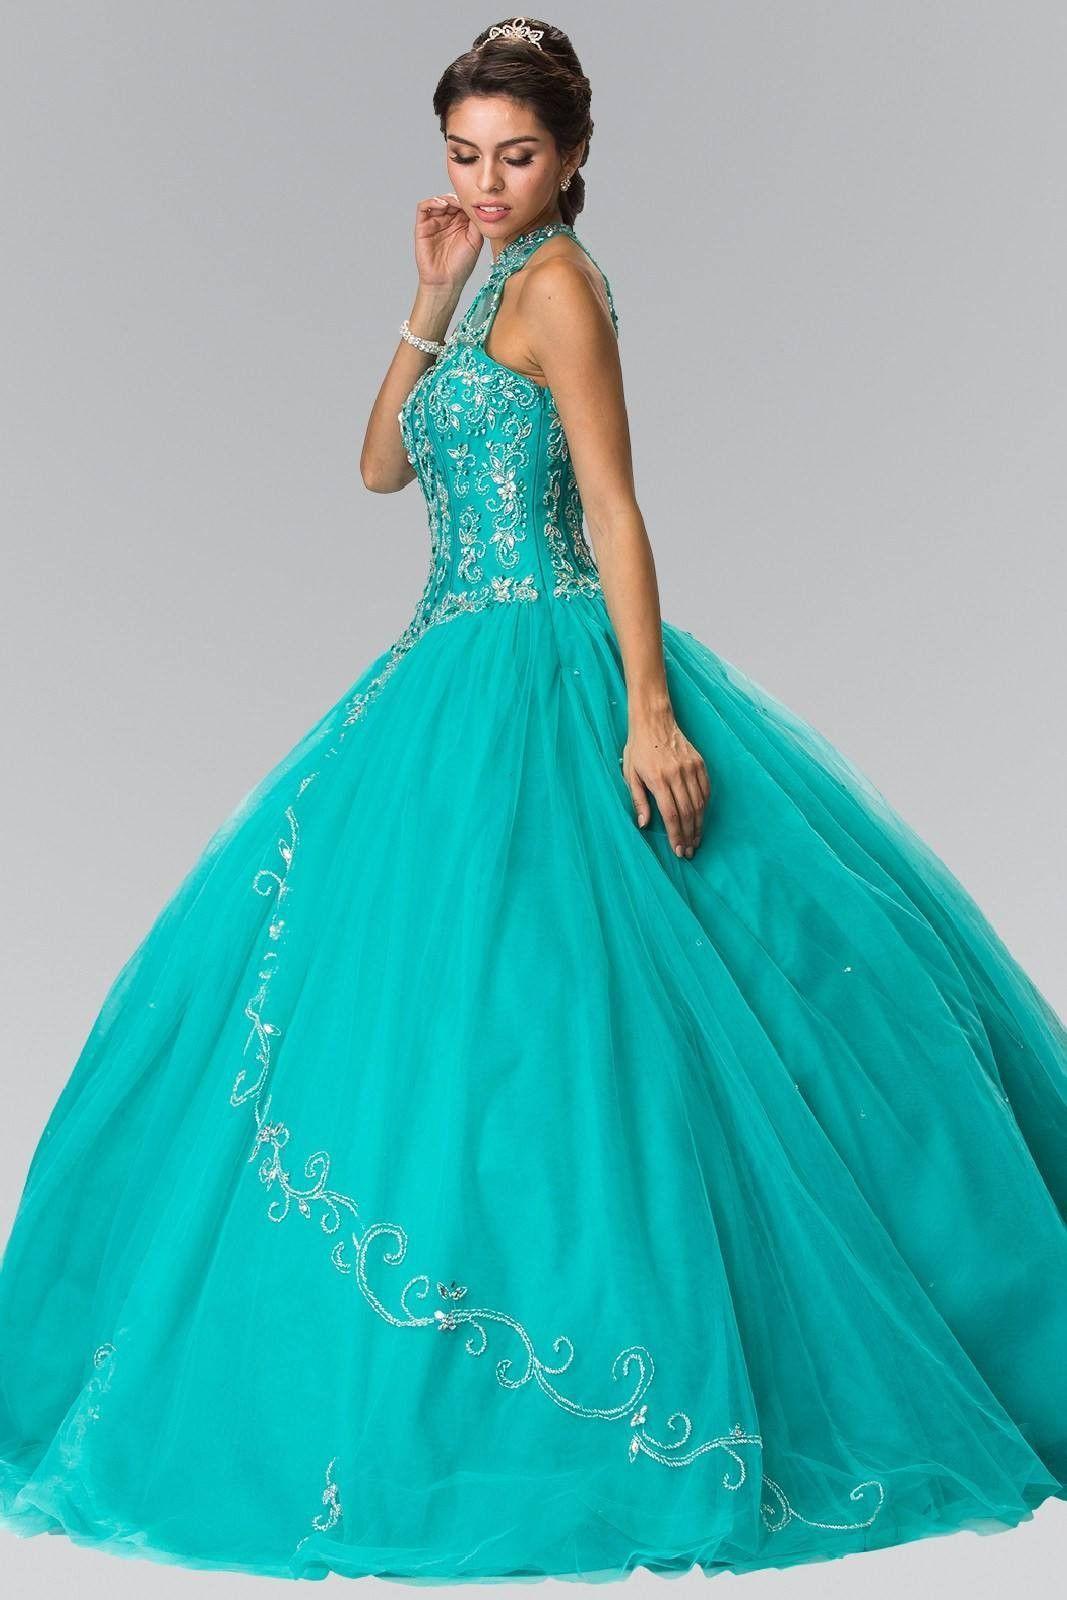 Cheap Ball gown prom dress Quinceanera sweet 16 dress gl2348aq